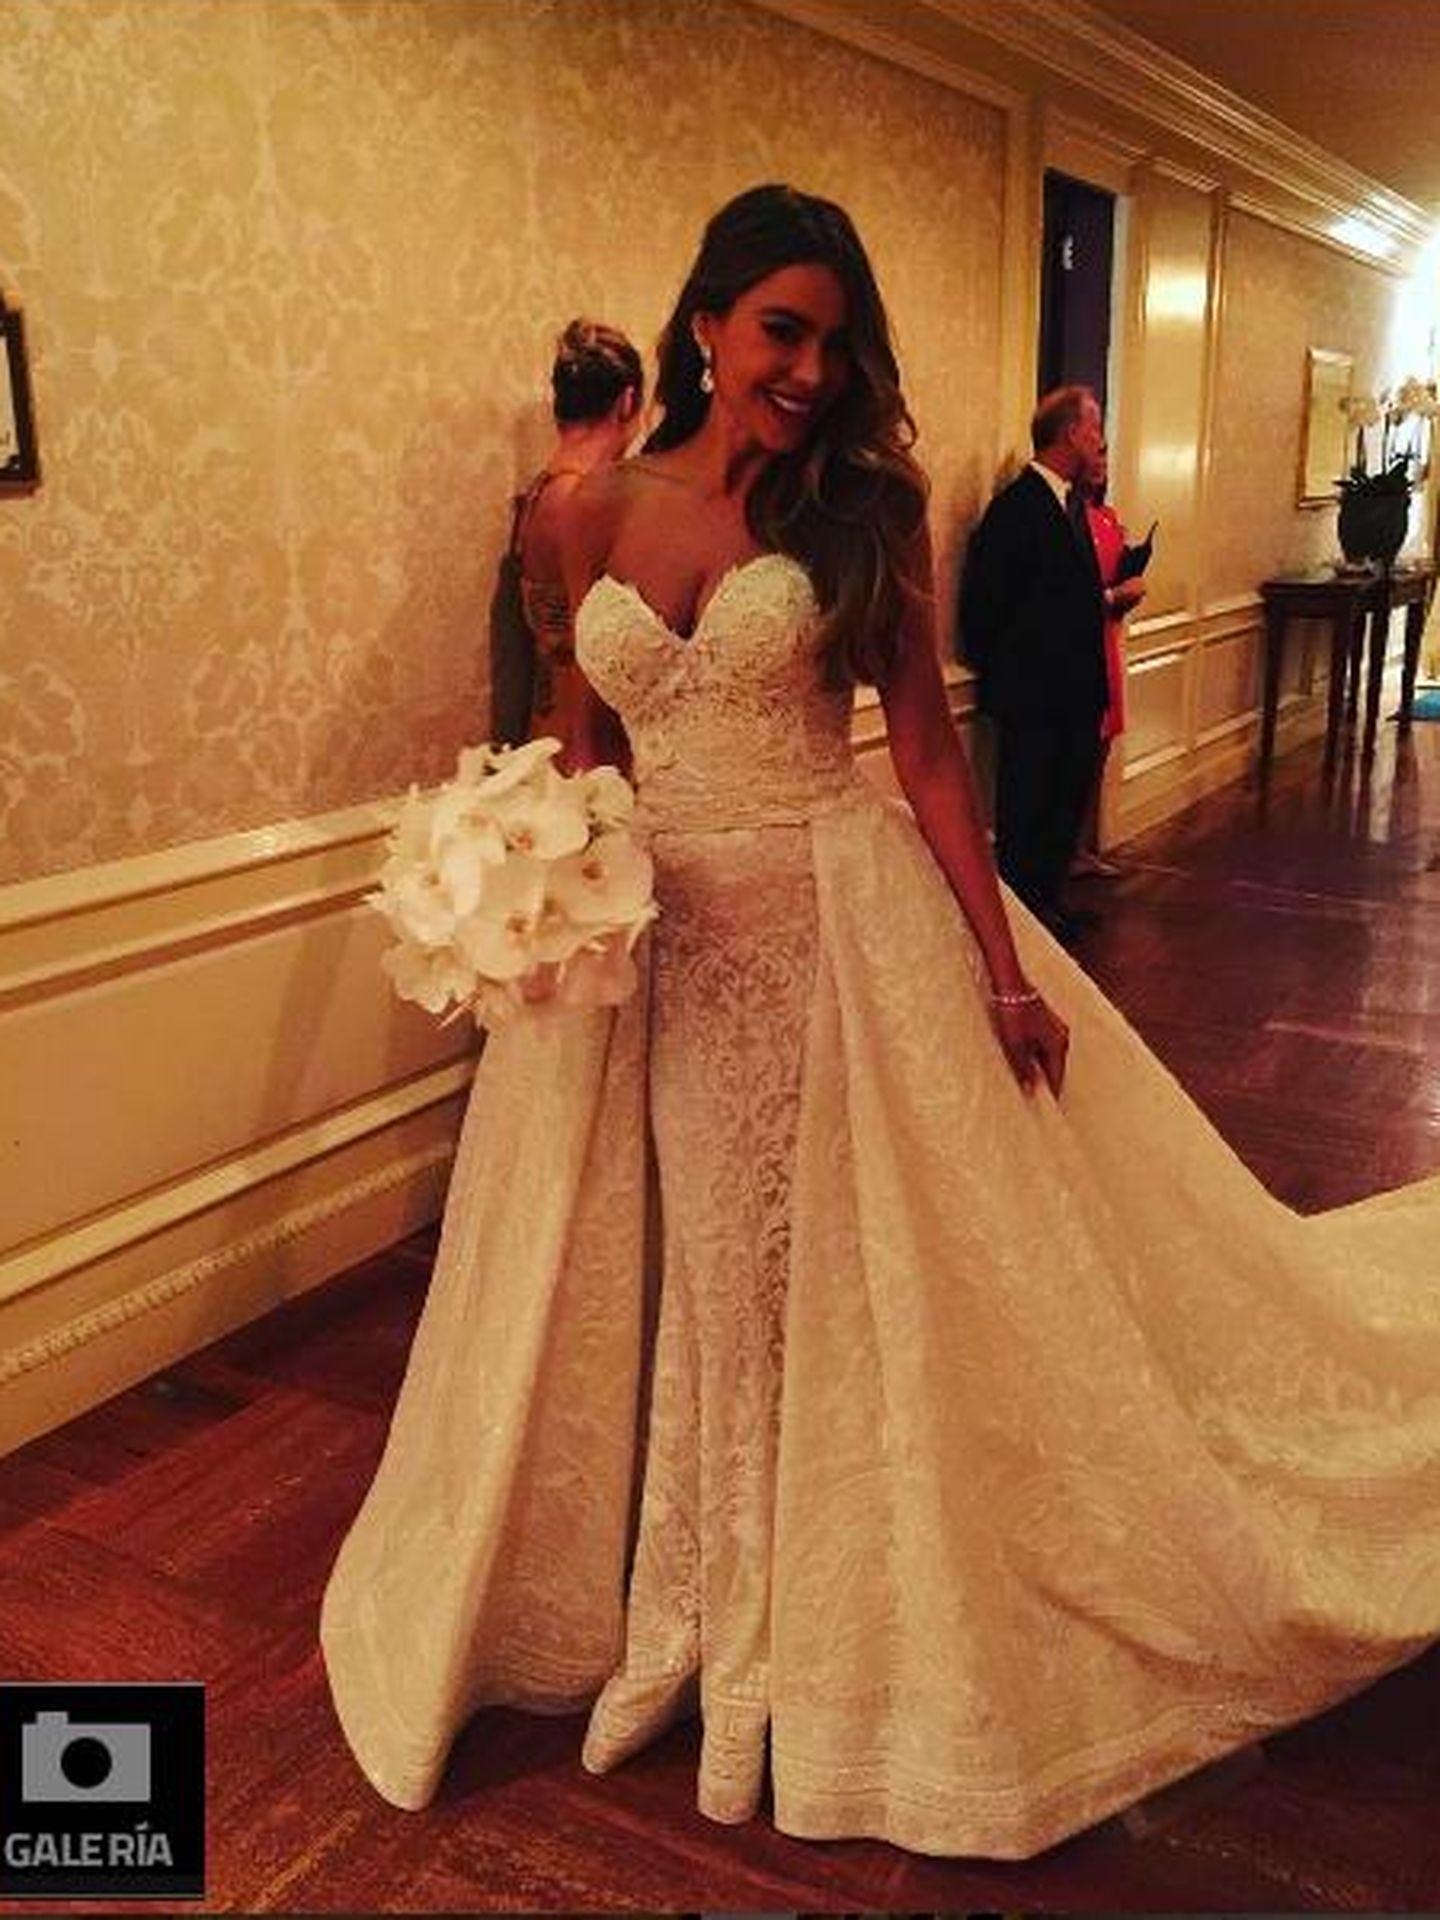 Galería: todas las imágenes de la boda de Sofía Vergara y Joe Manganiello